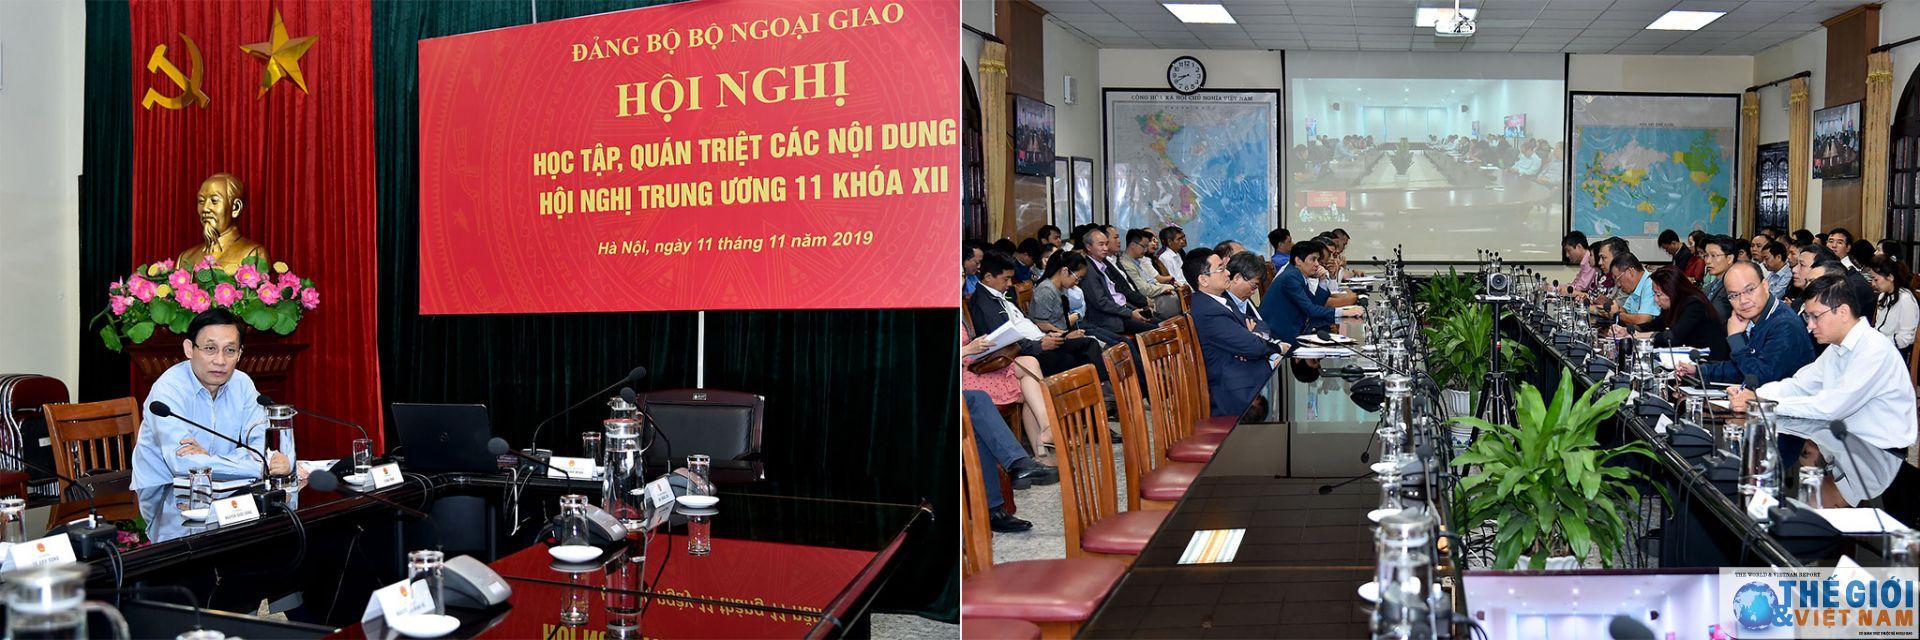 Tổ chức Đảng bộ ngoài nước, Bộ Ngoại giao theo tinh thần Nghị quyết TƯ